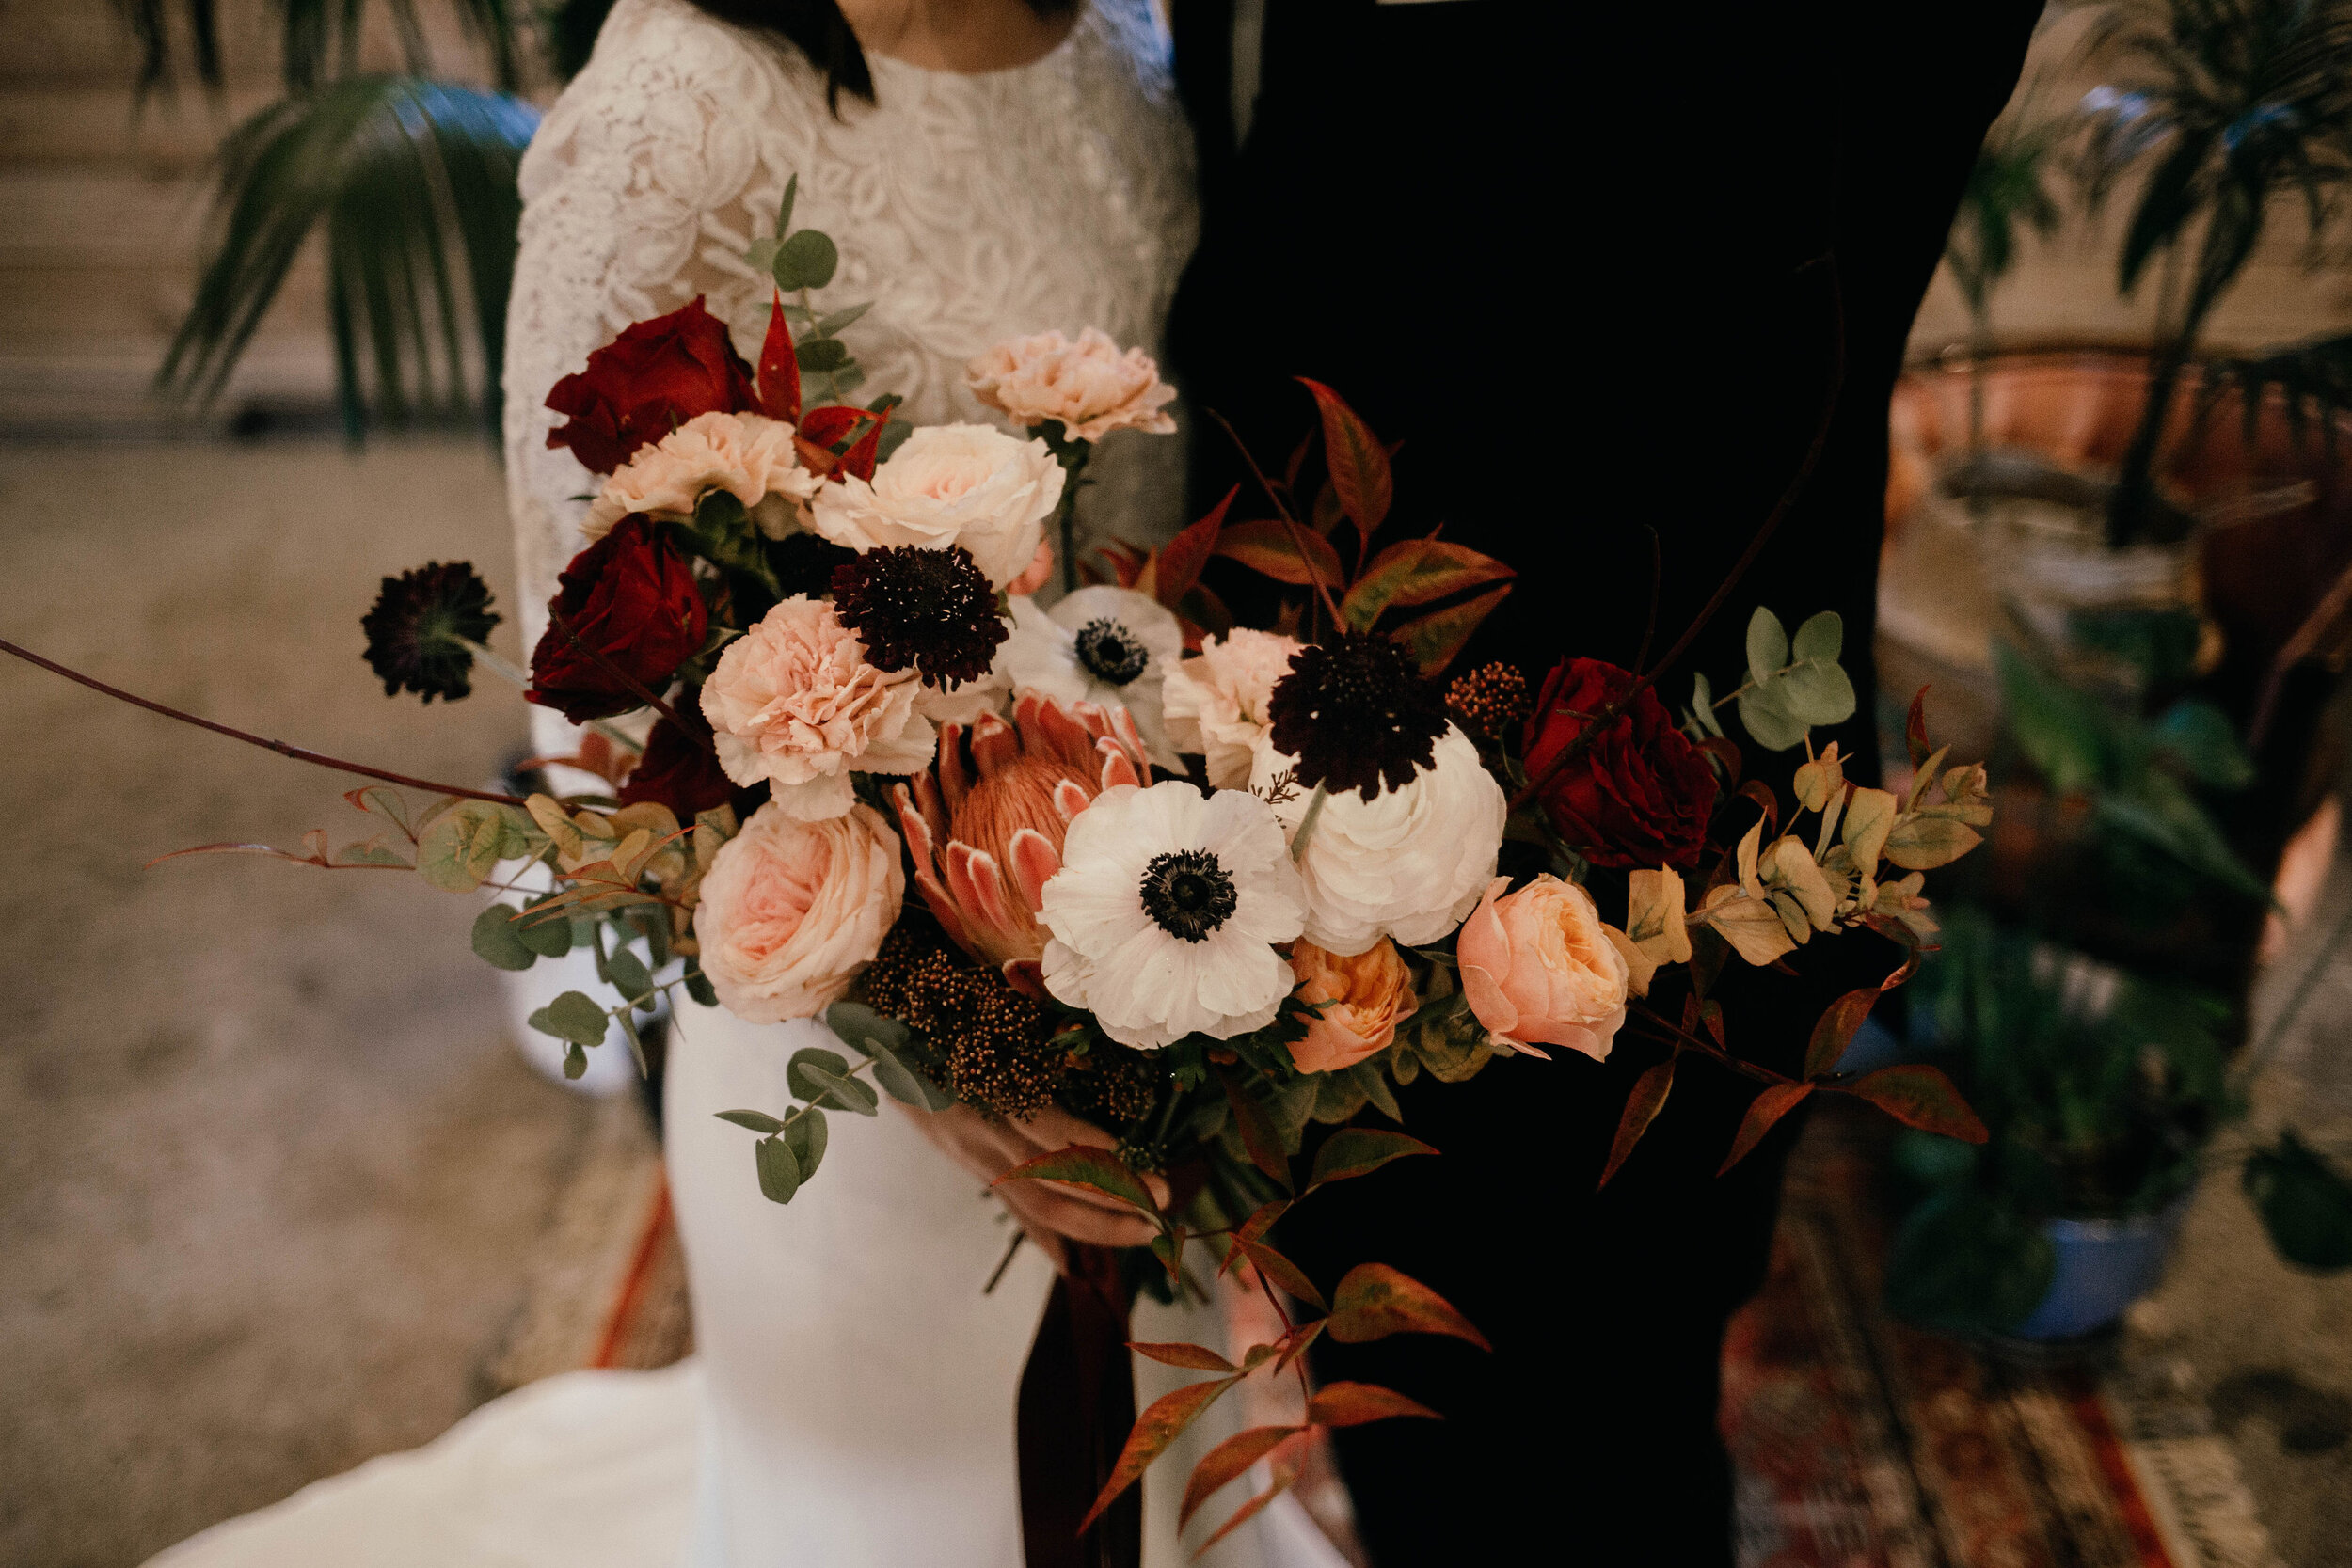 downtown-vancouver-wedding-amandakane-149.jpg